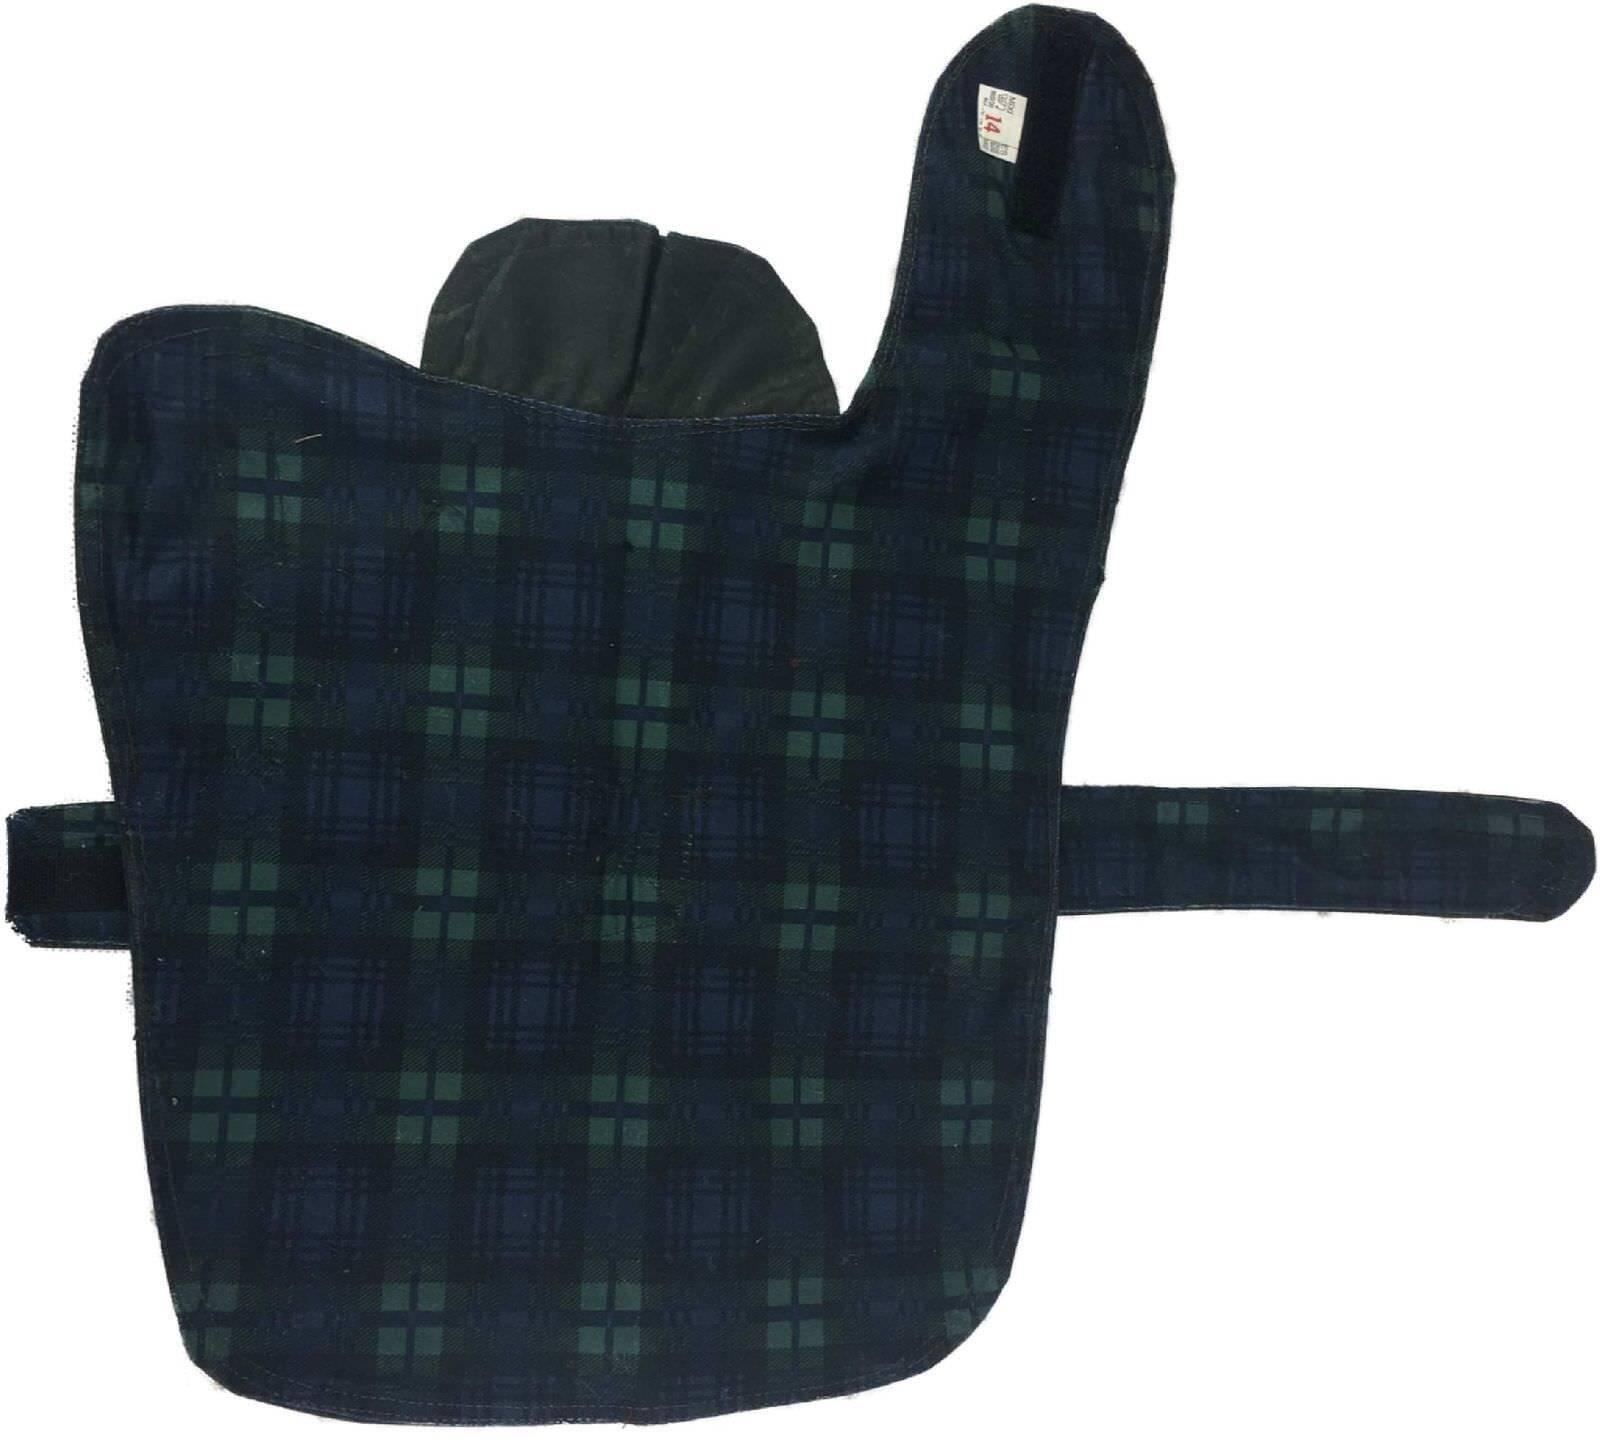 New Wax Dog Coat British Waterproof Cotton Rain Outdoor Windproof Puppy 10